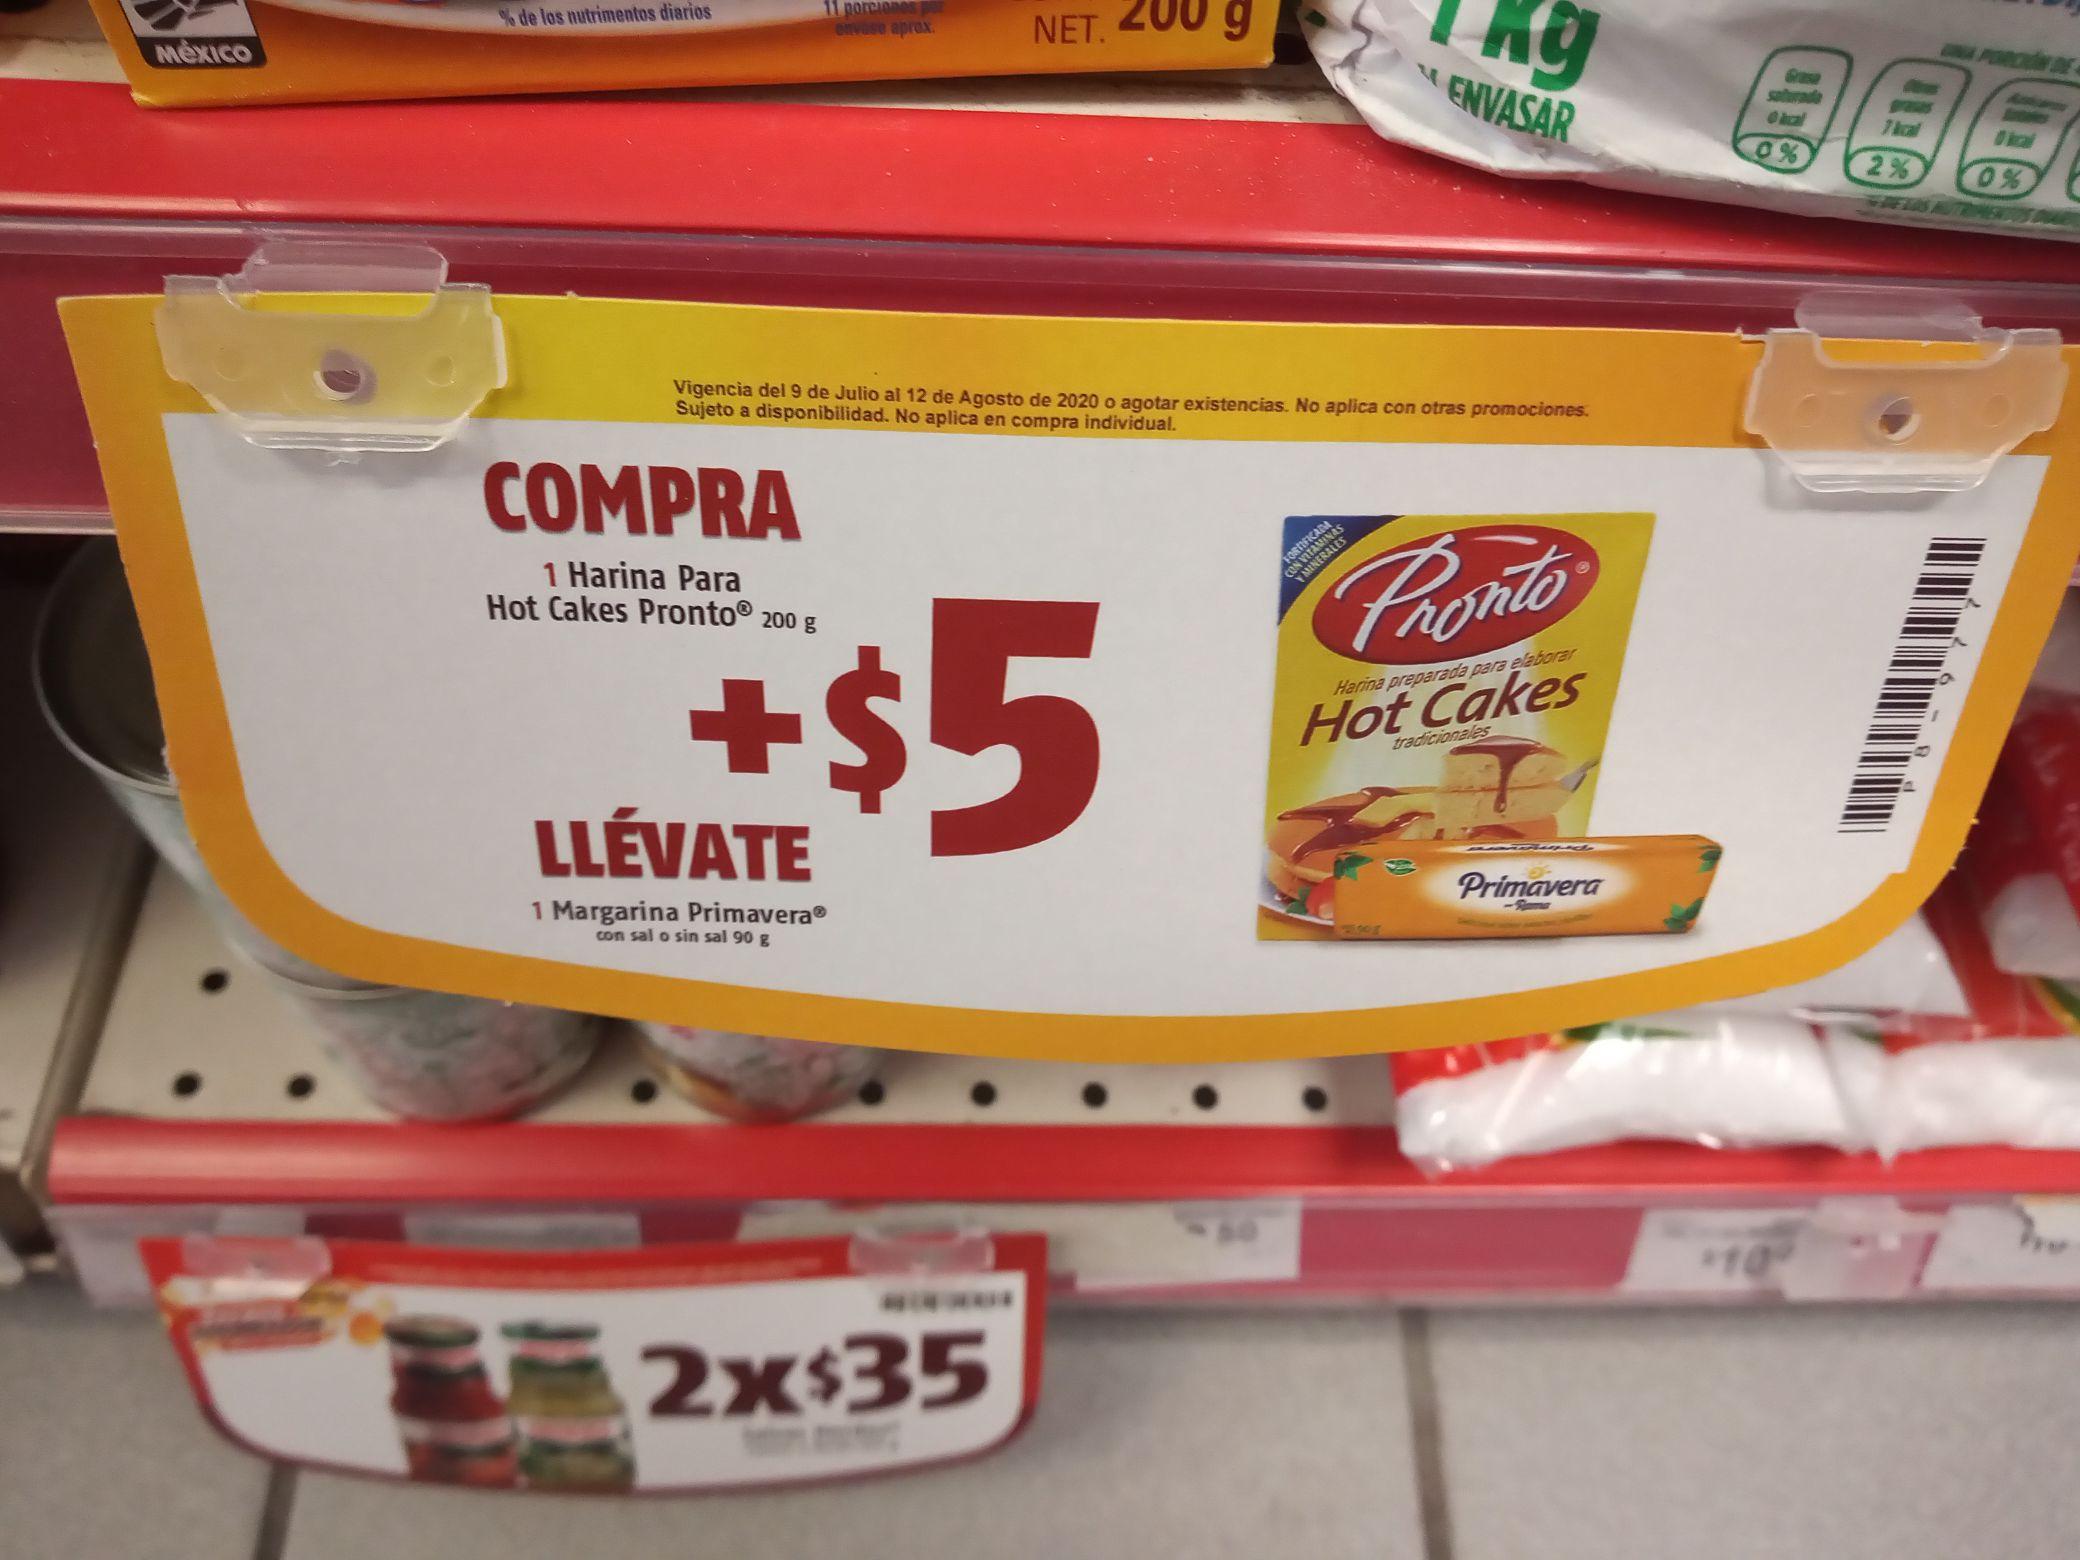 Oxxo: Harina Para Hot Cakes Pronto 250 gr + 5 pesos te llevas Margarina Primavera. Y más promociones